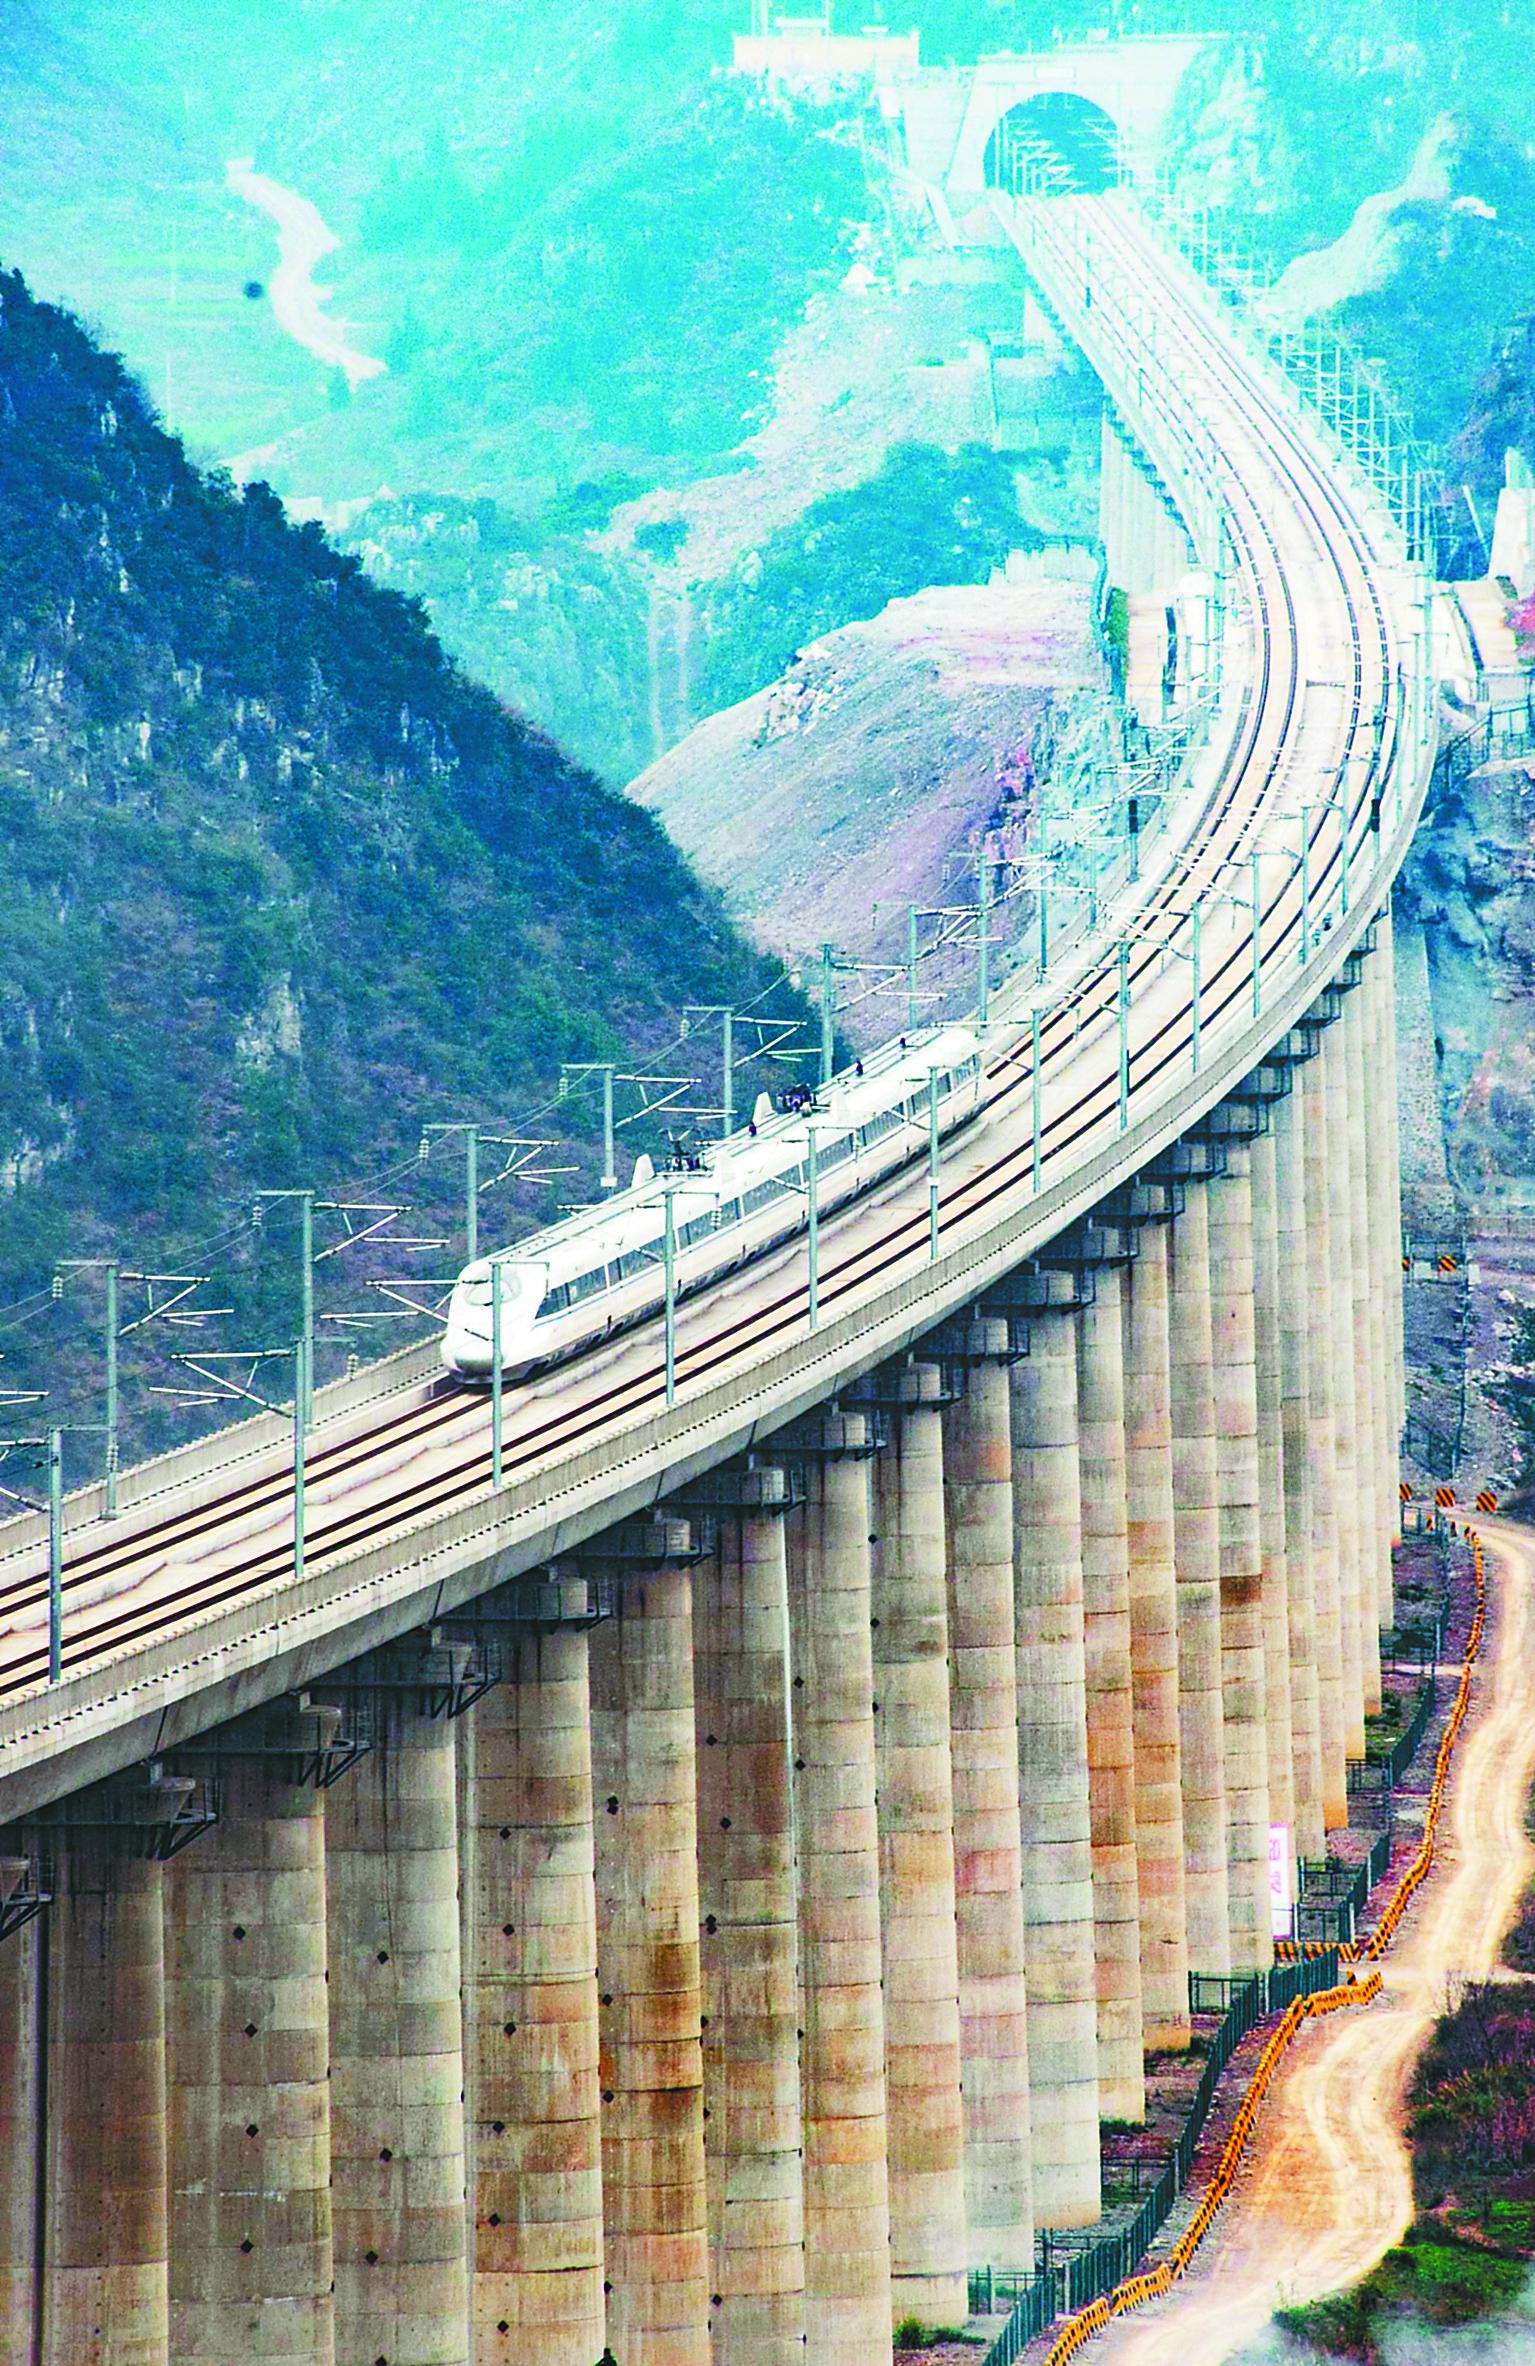 沪昆高铁最后一段贵阳至昆明开通运营,在我国大西南与东部沿海之间画